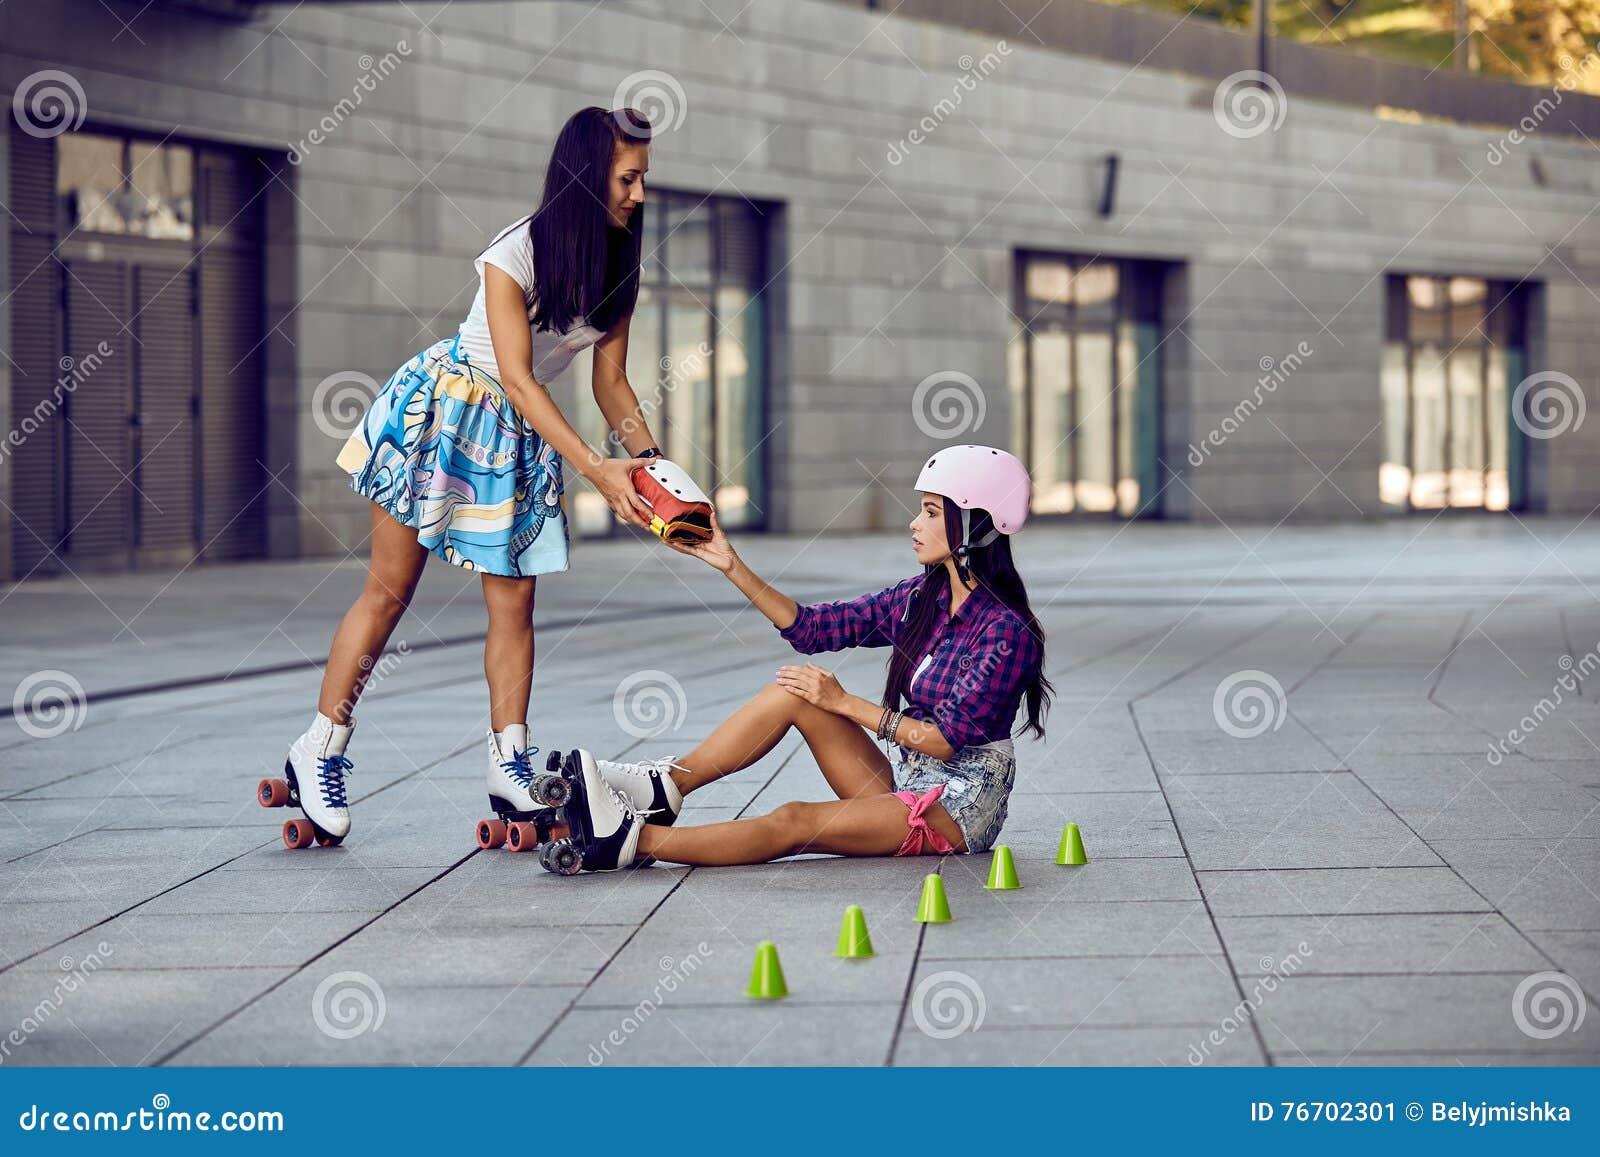 Flickan faller ner och skrapar benet, når han har rollerblading